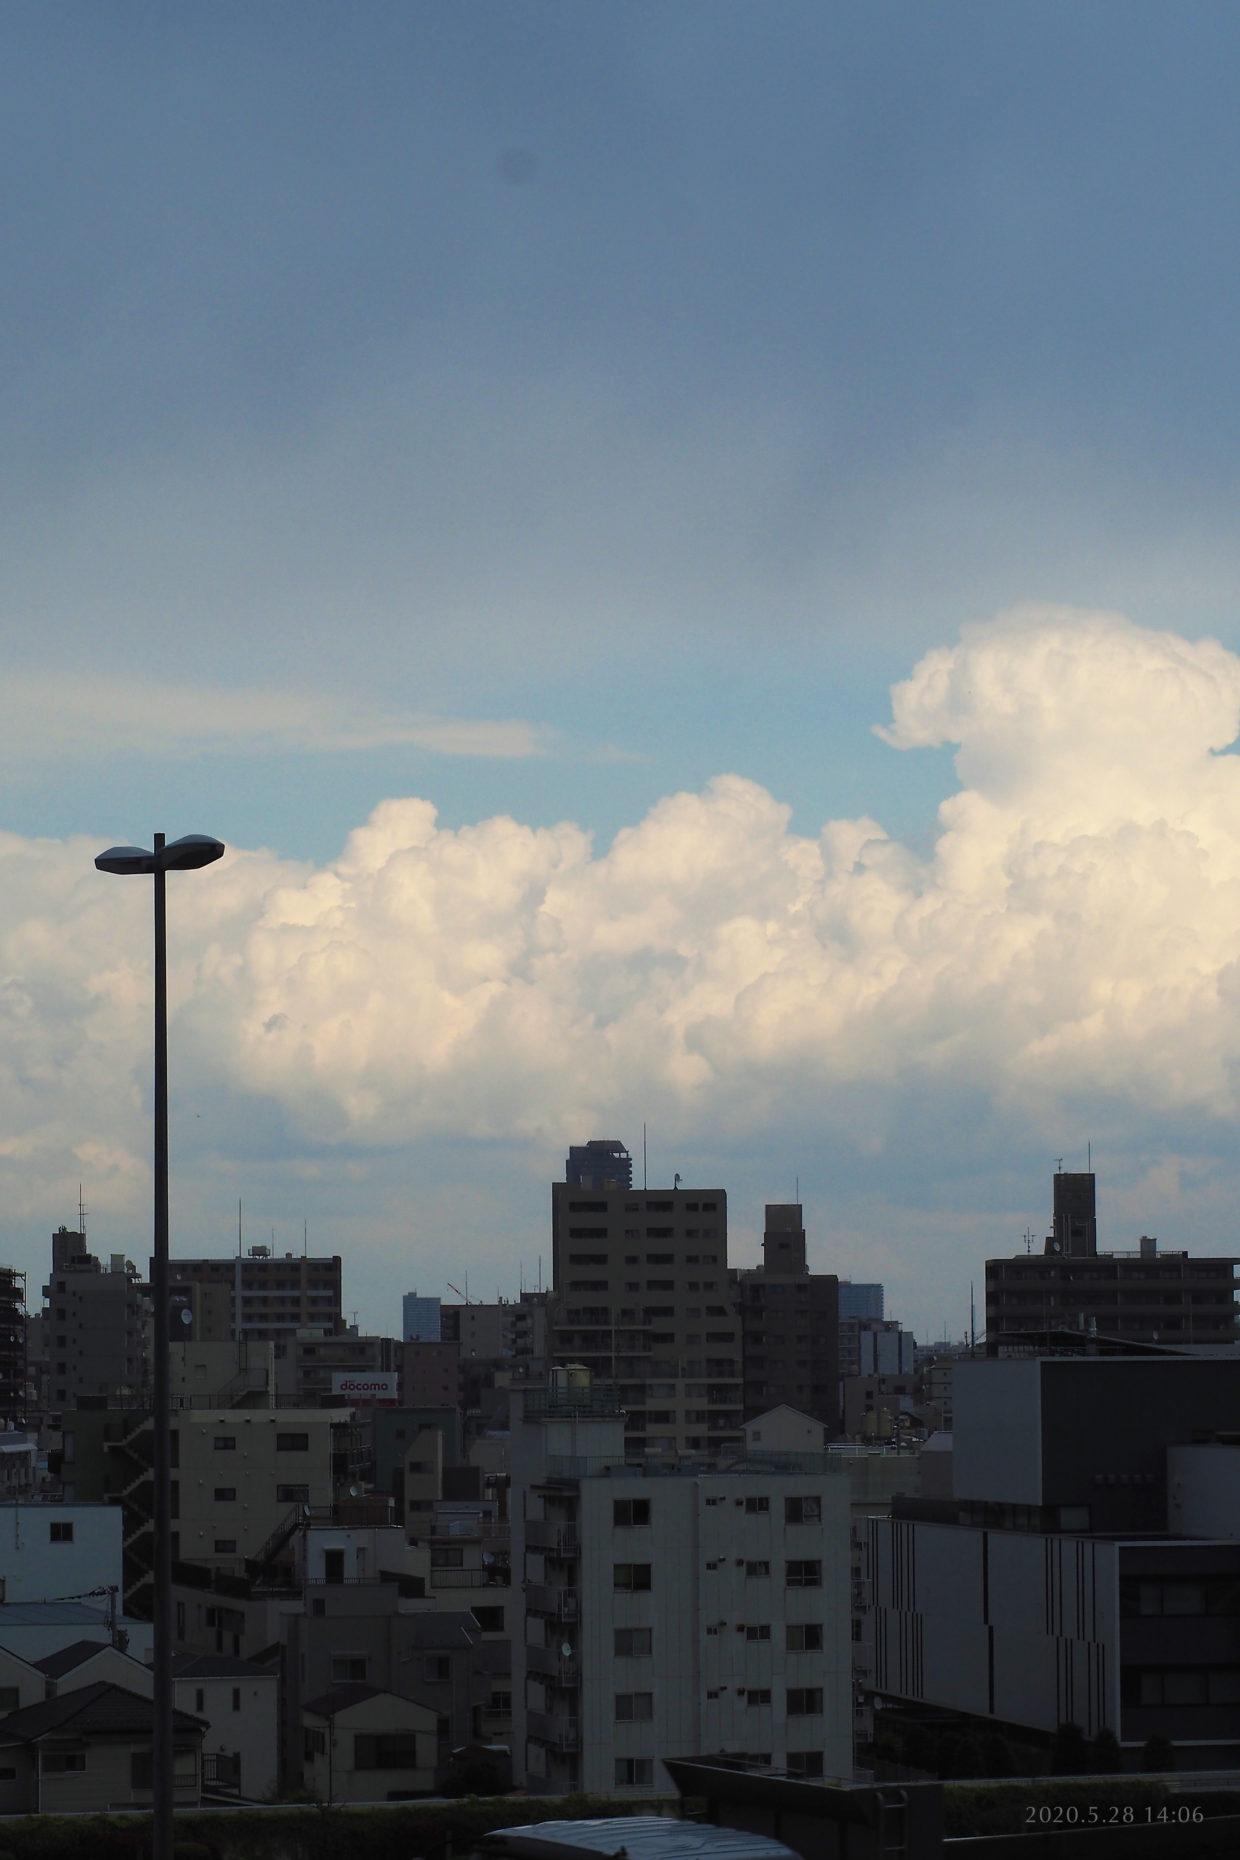 My skies 2020.4.28